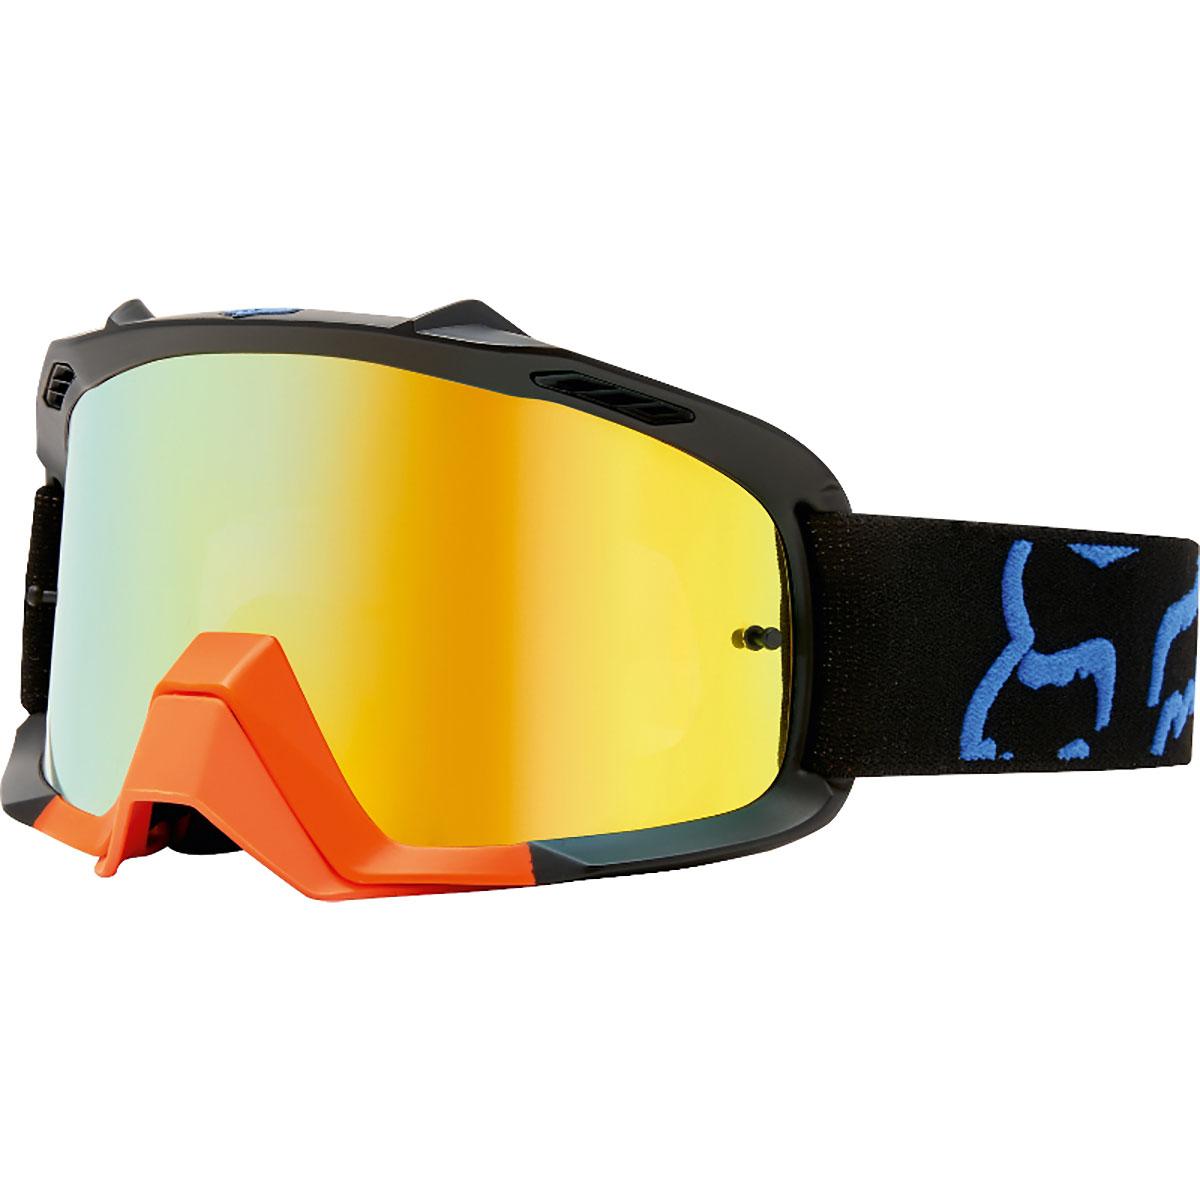 Fox gyerek cross szemüveg Air Space Preme arany